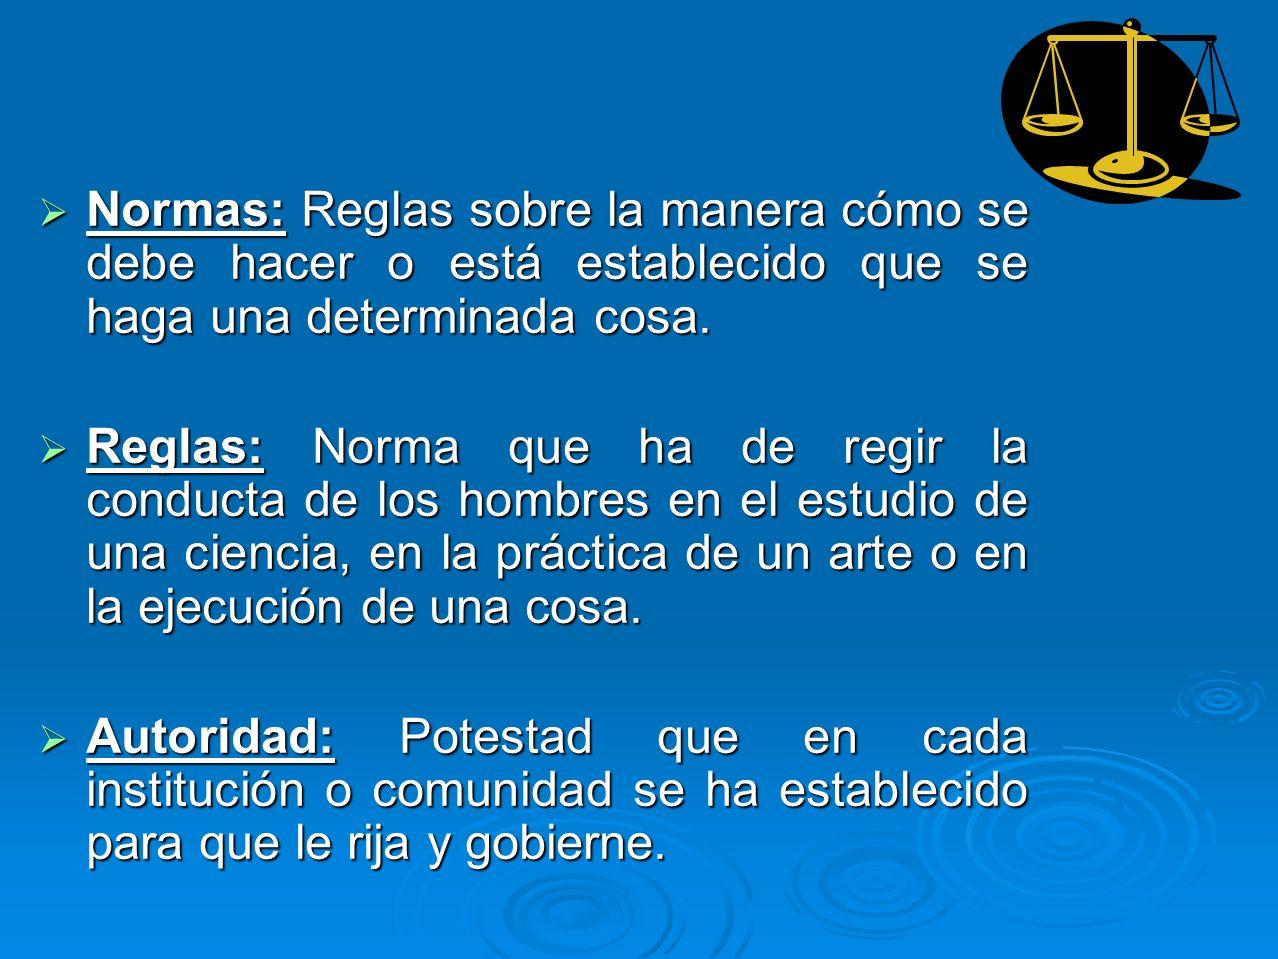 Normas: Reglas sobre la manera cómo se debe hacer o está establecido que se haga una determinada cosa.